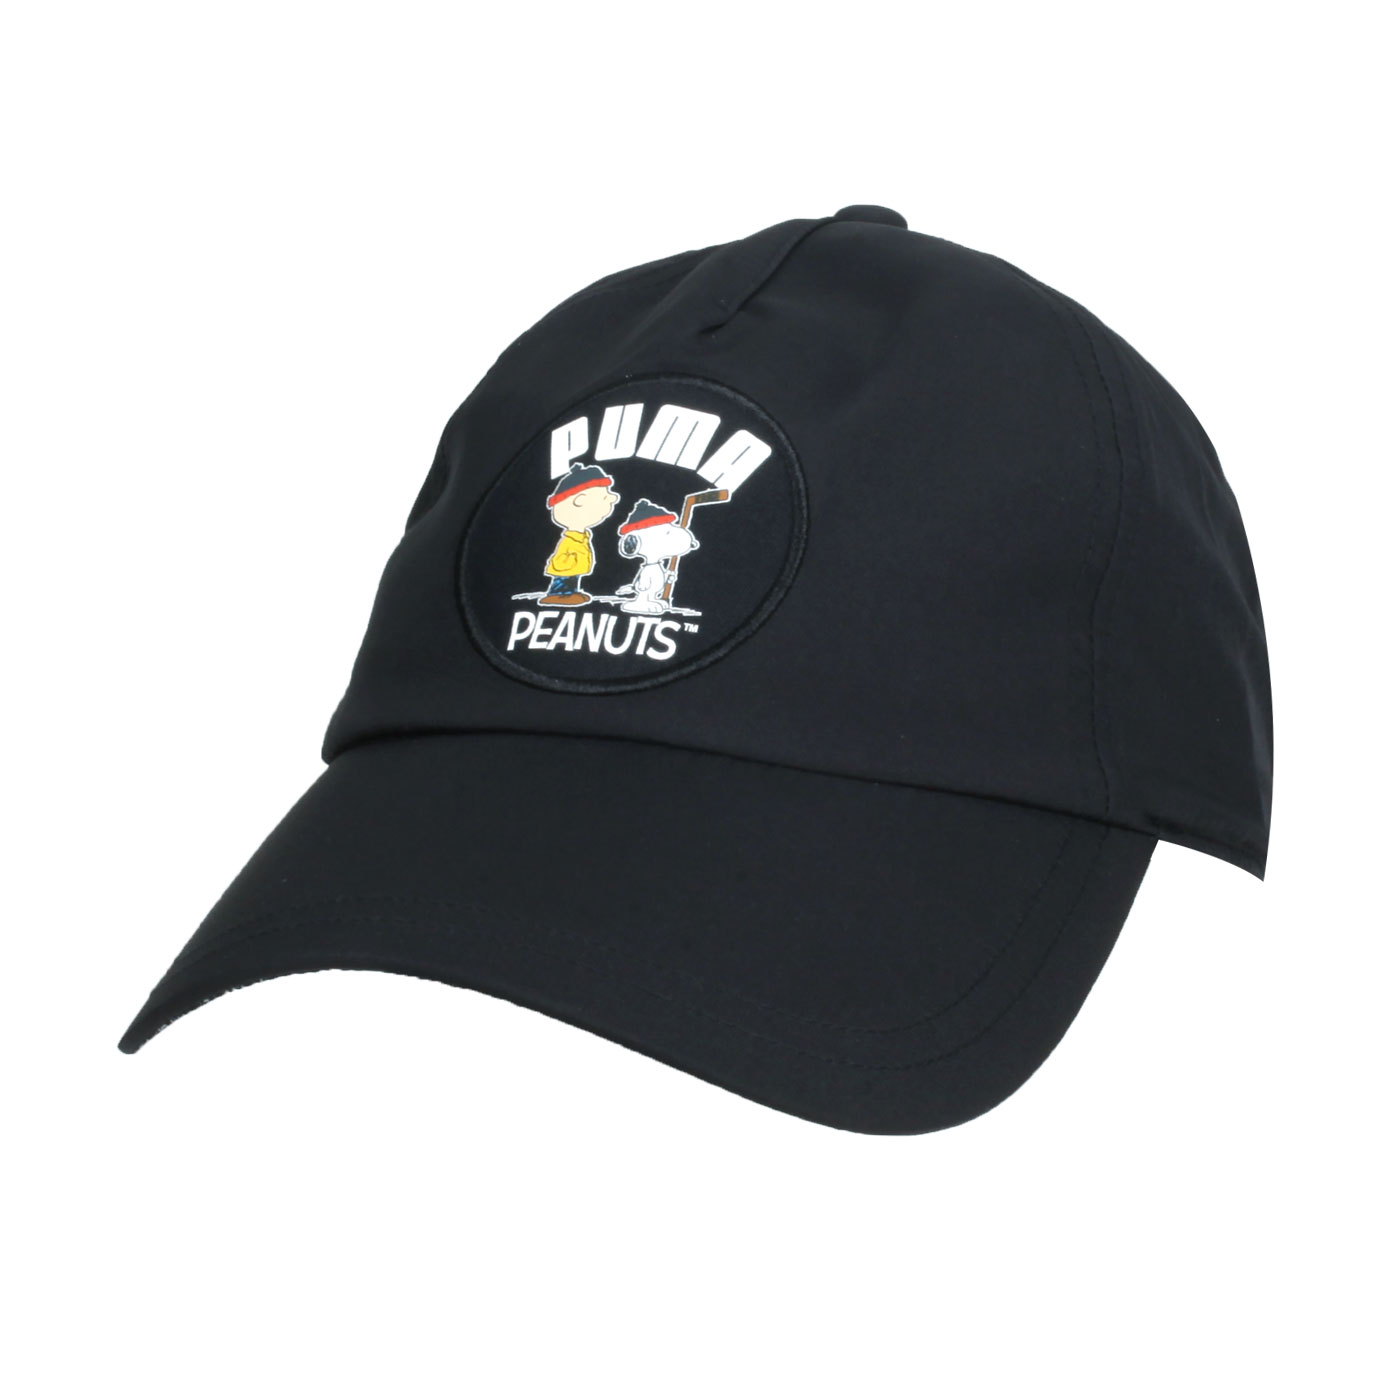 PUMA Peanuts棒球帽 02345801 - 黑白黃